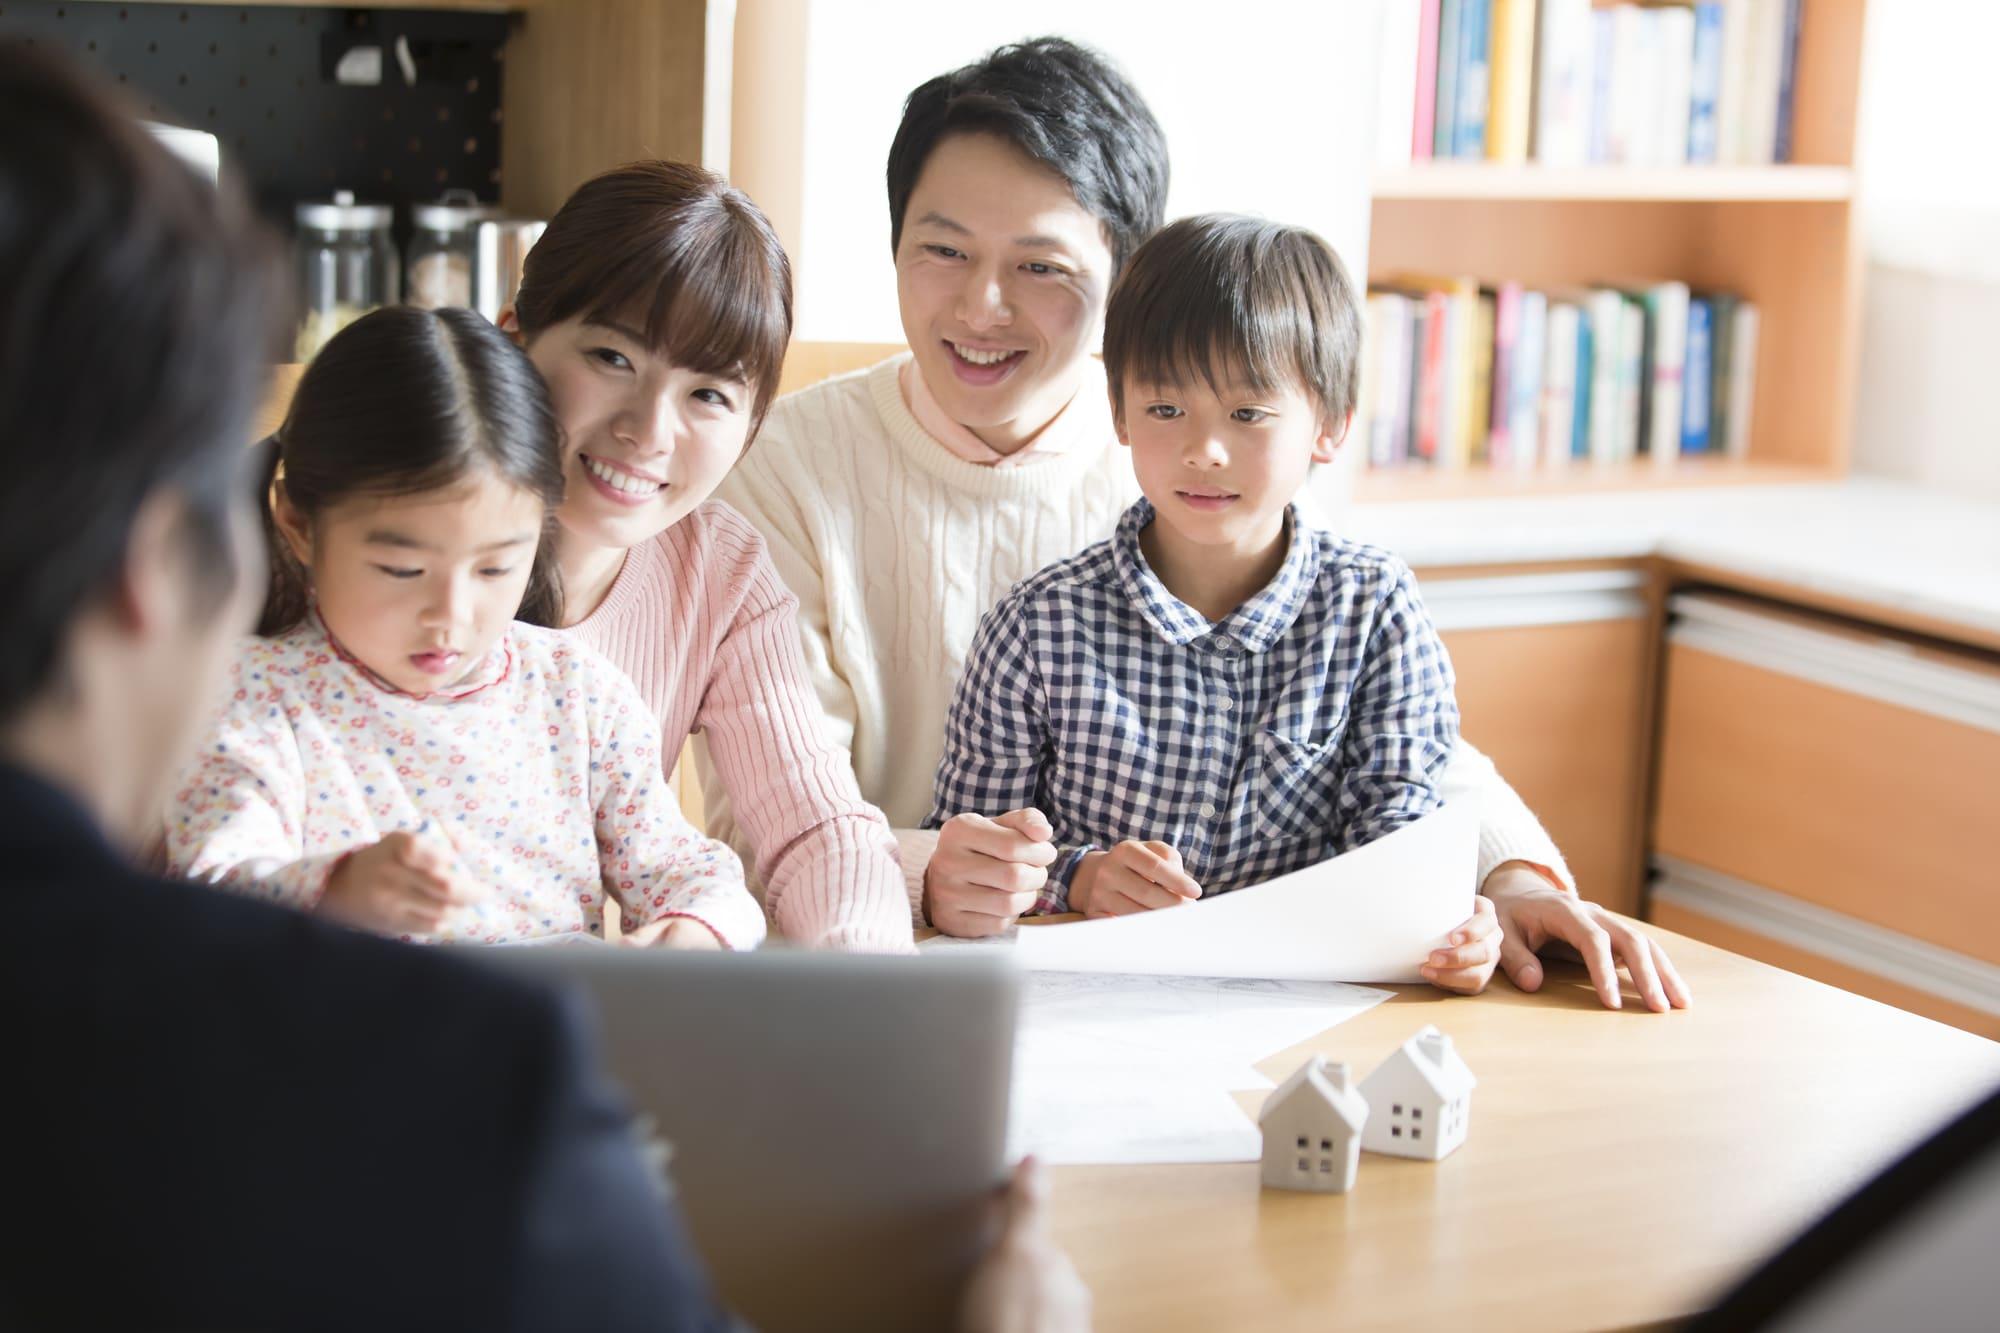 住宅ローン契約時の保証料の役割│融資手数料との違いとは?